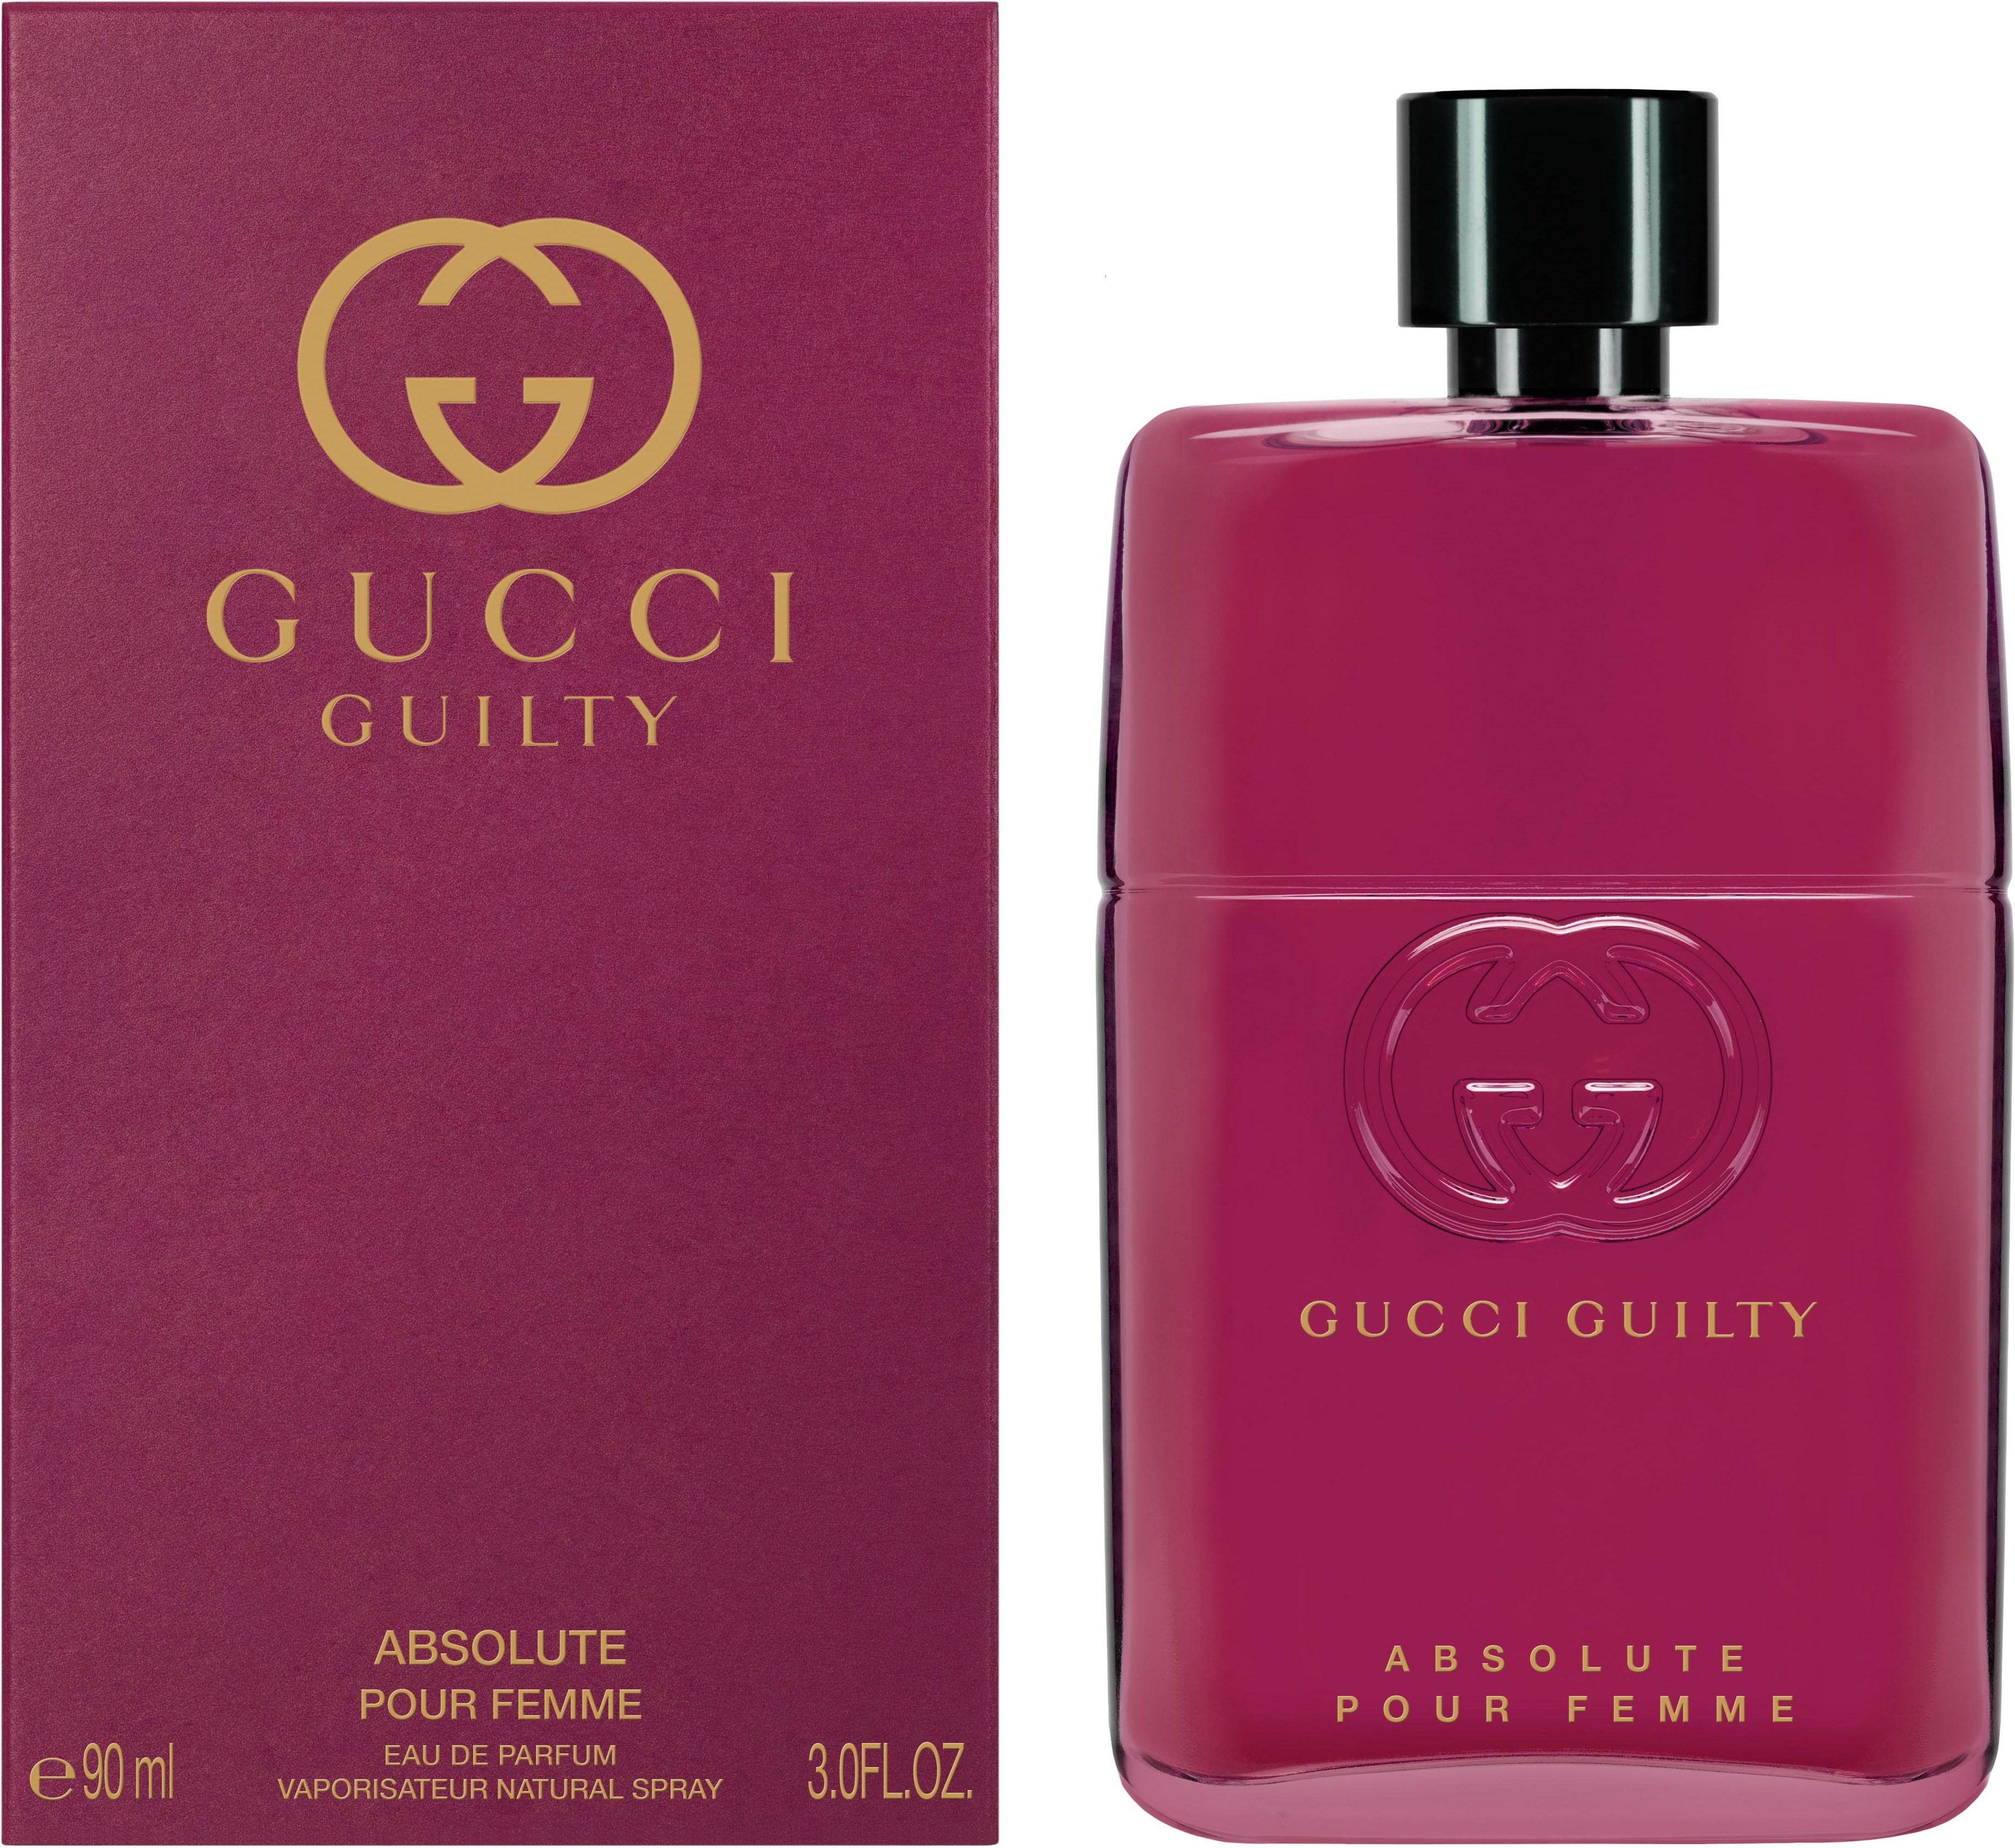 1fd508ecc Gucci Guilty Absolute Pour Femme Eau de Parfum 90 ml